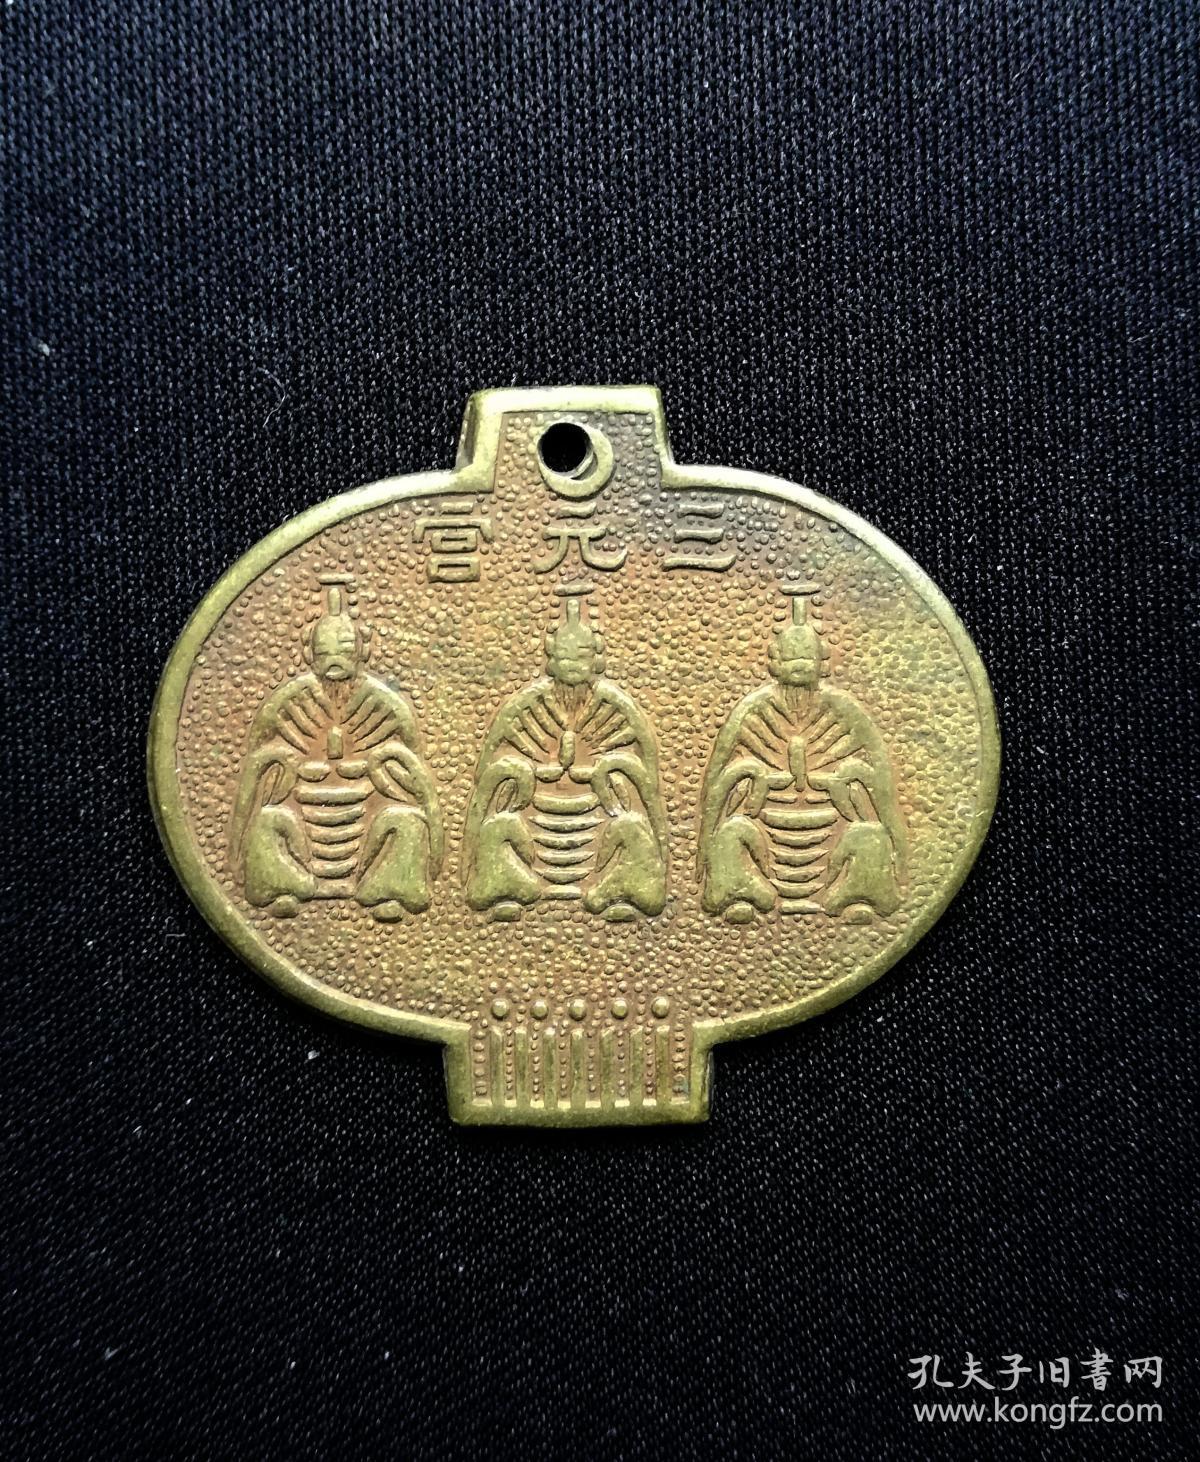 道教法器:民国广州三元宫有求必应项链吊坠挂花铜牌。